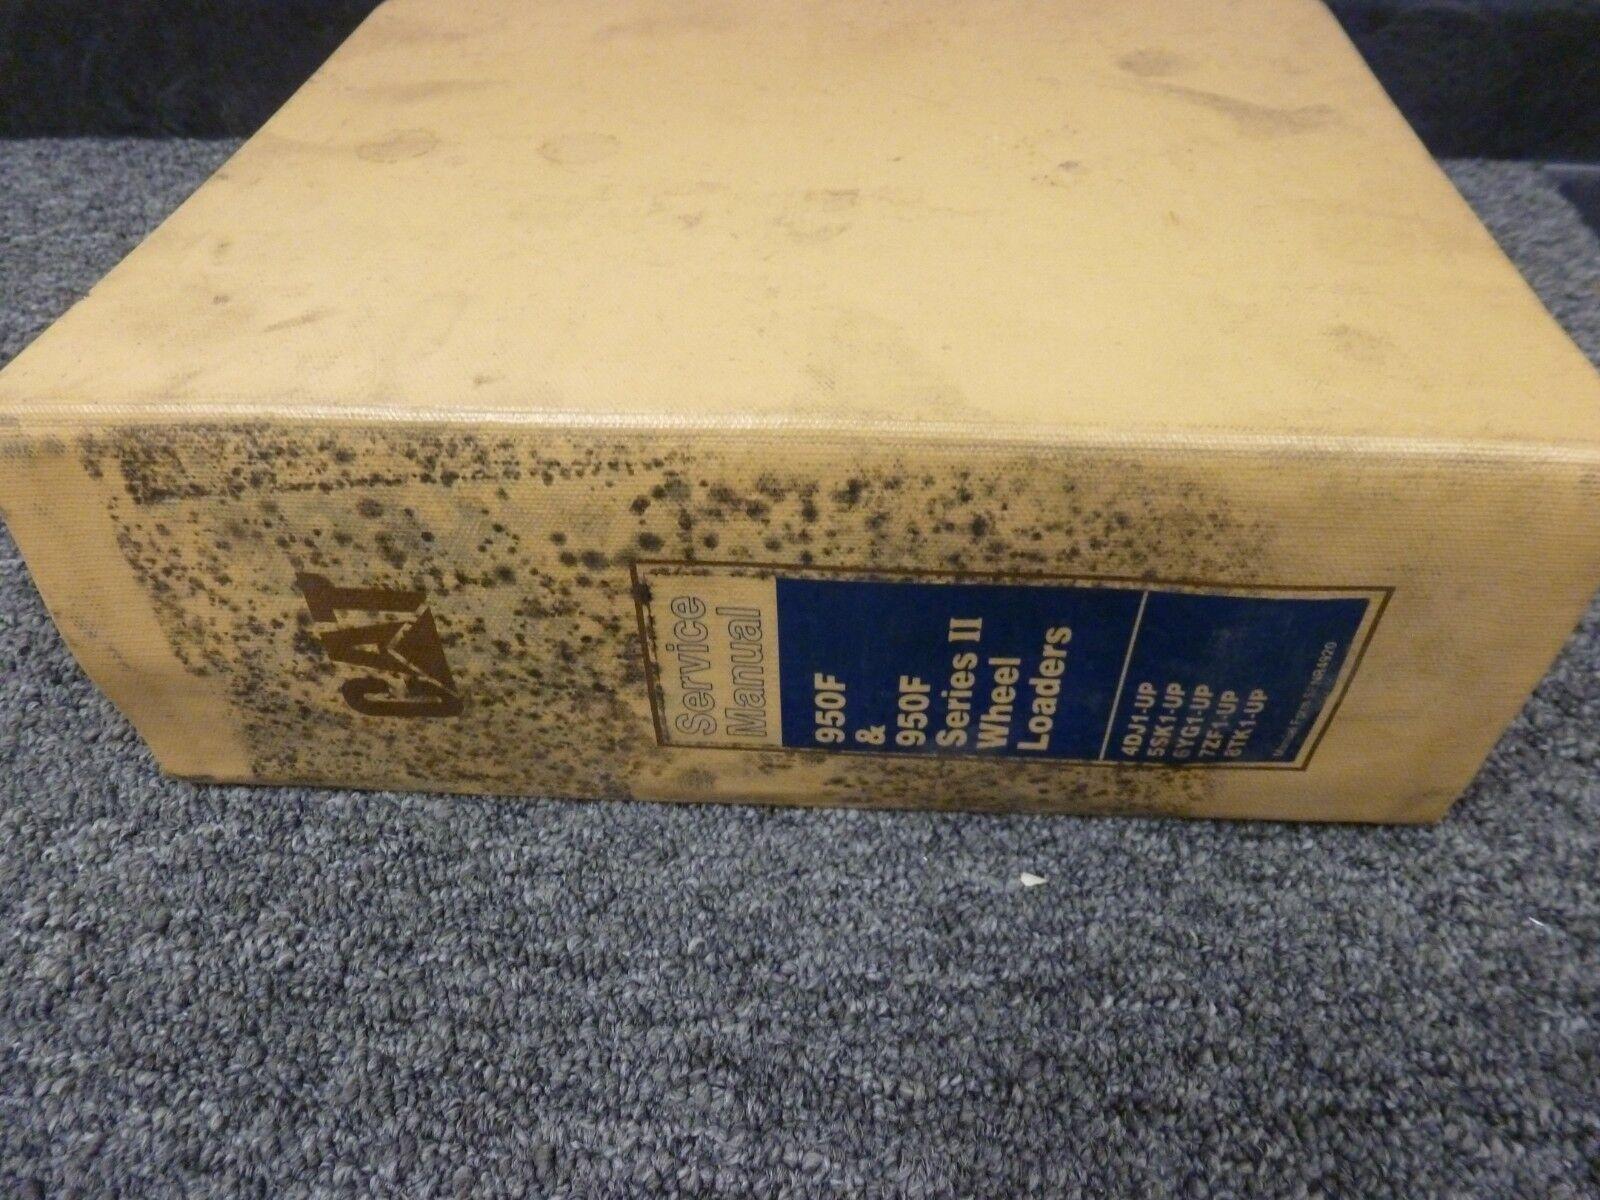 Caterpillar CAT 950F  950F Series II cargadoras de de de ruedas manual de reparación de servicio de tienda 7aae22